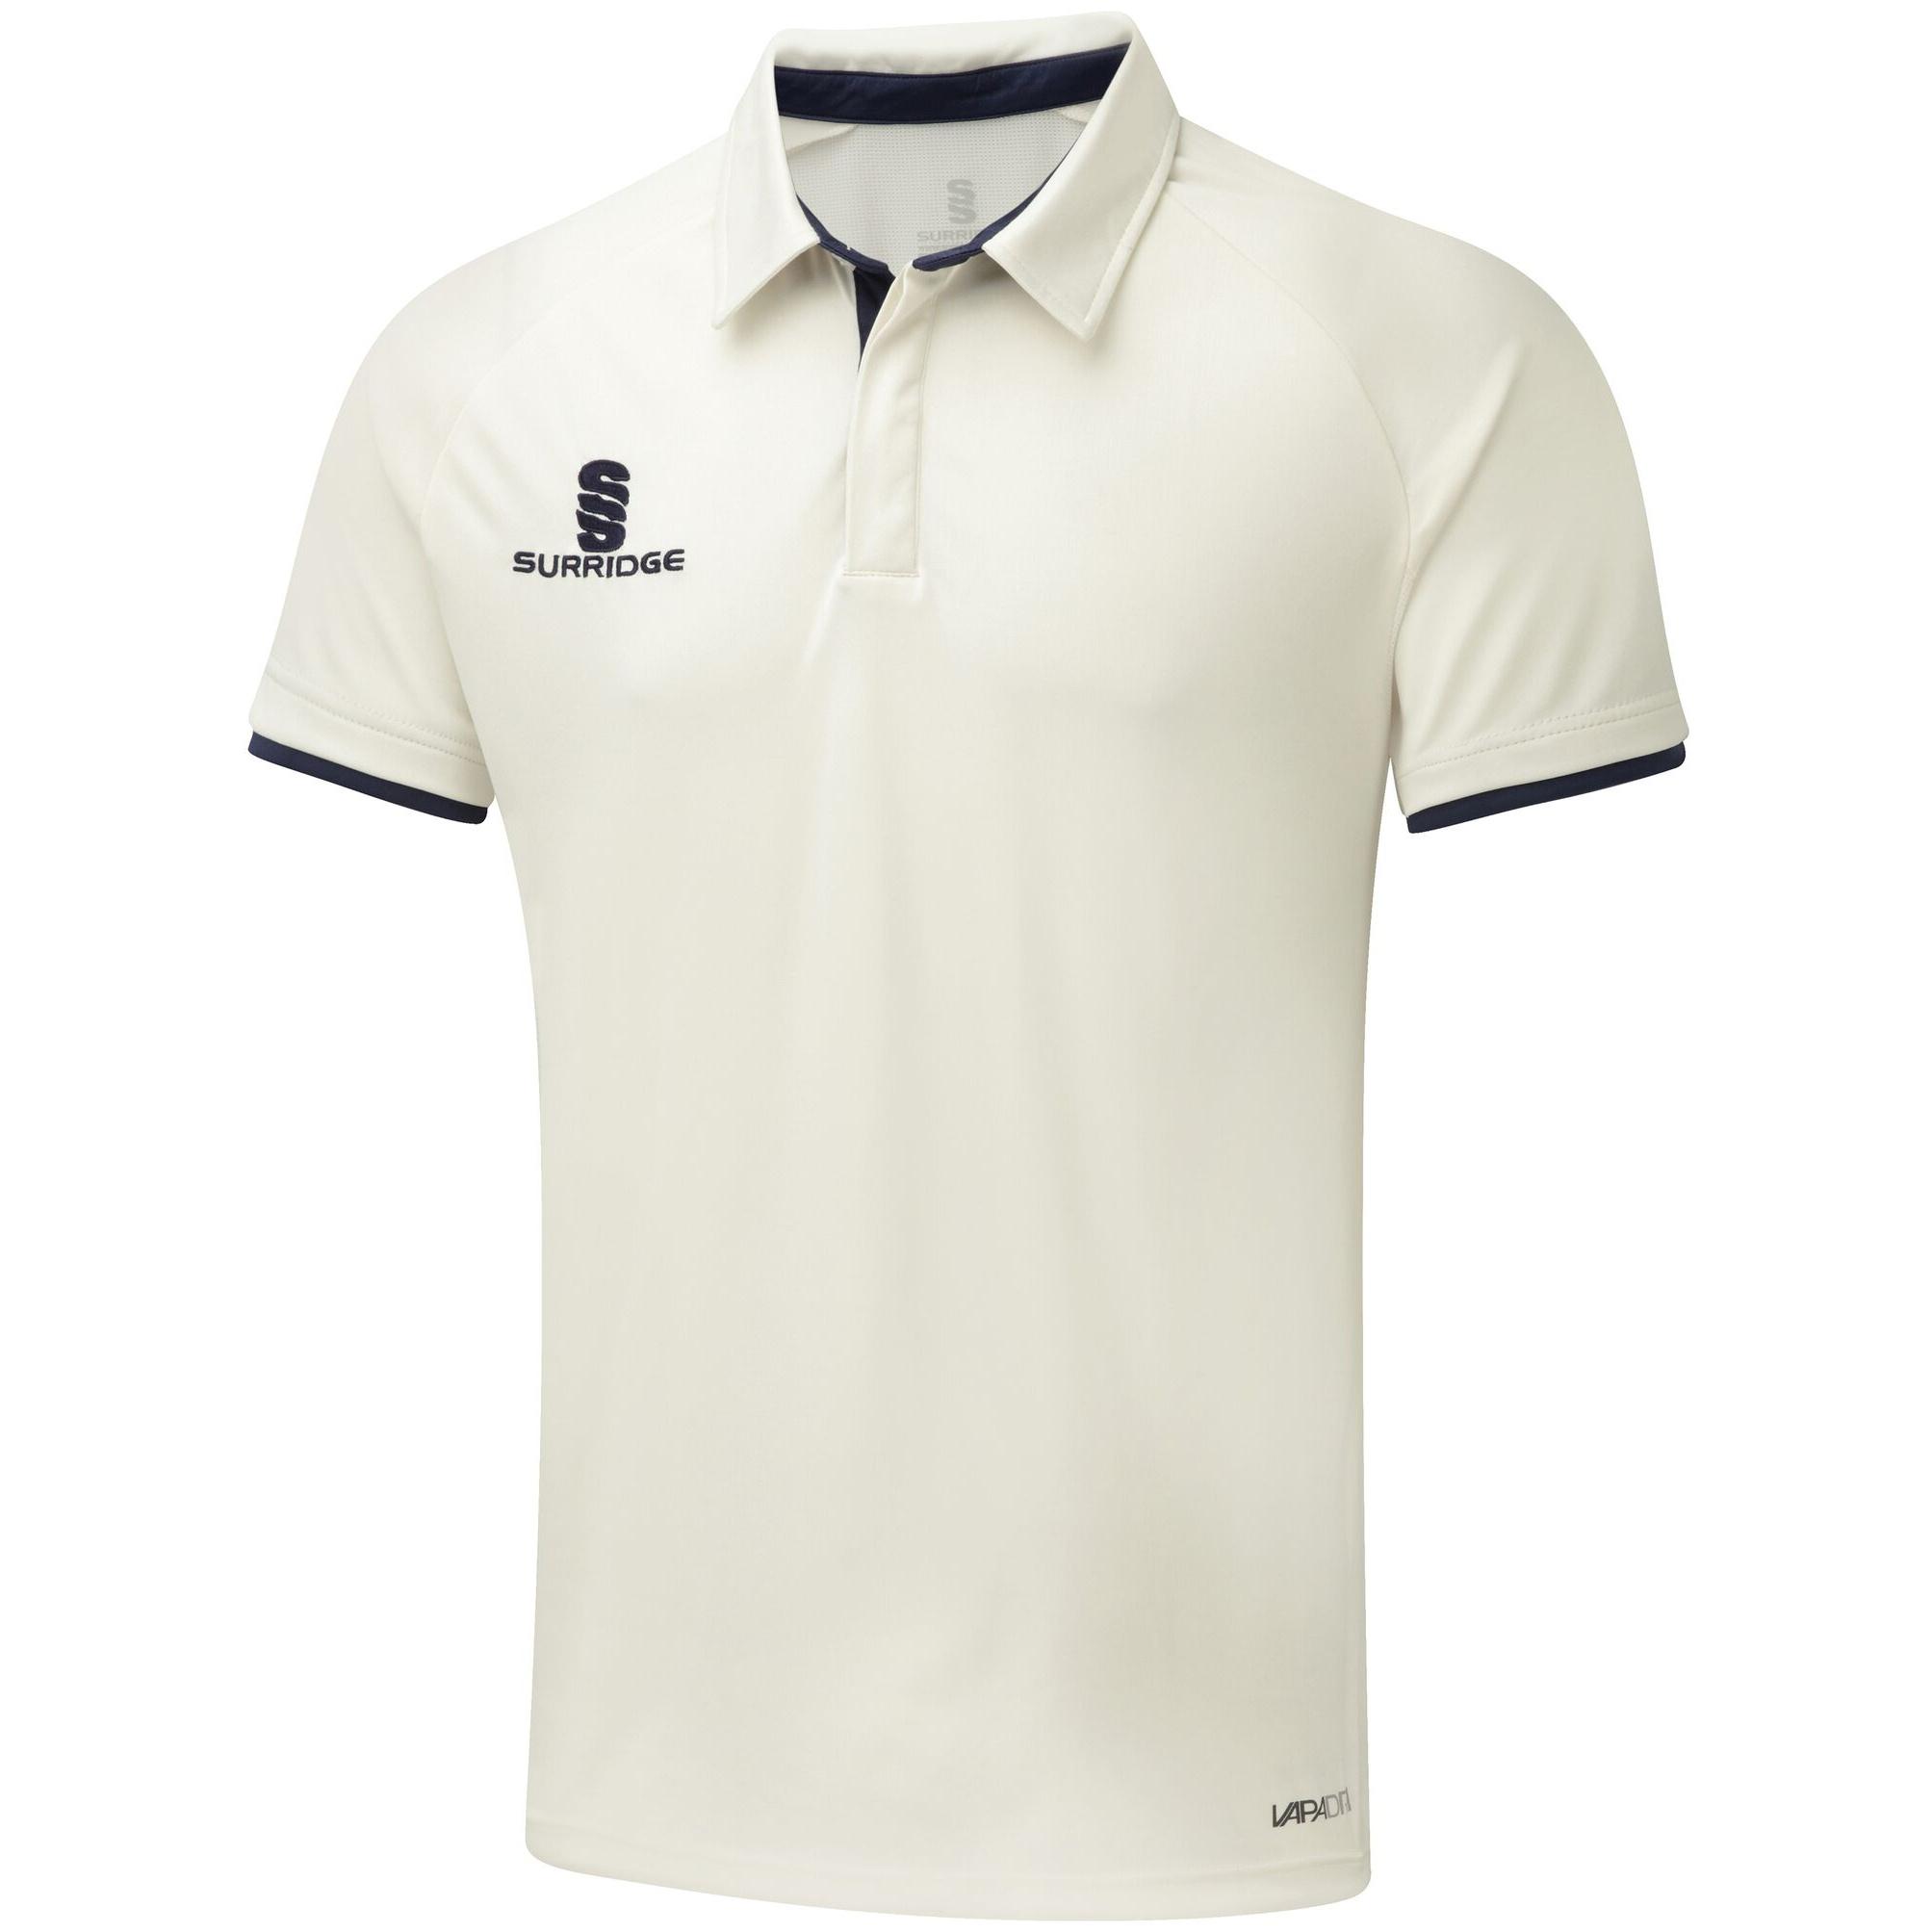 Surridge Mens Ergo Short Sleeve Shirt (32-34inch) (White/Navy Trim)